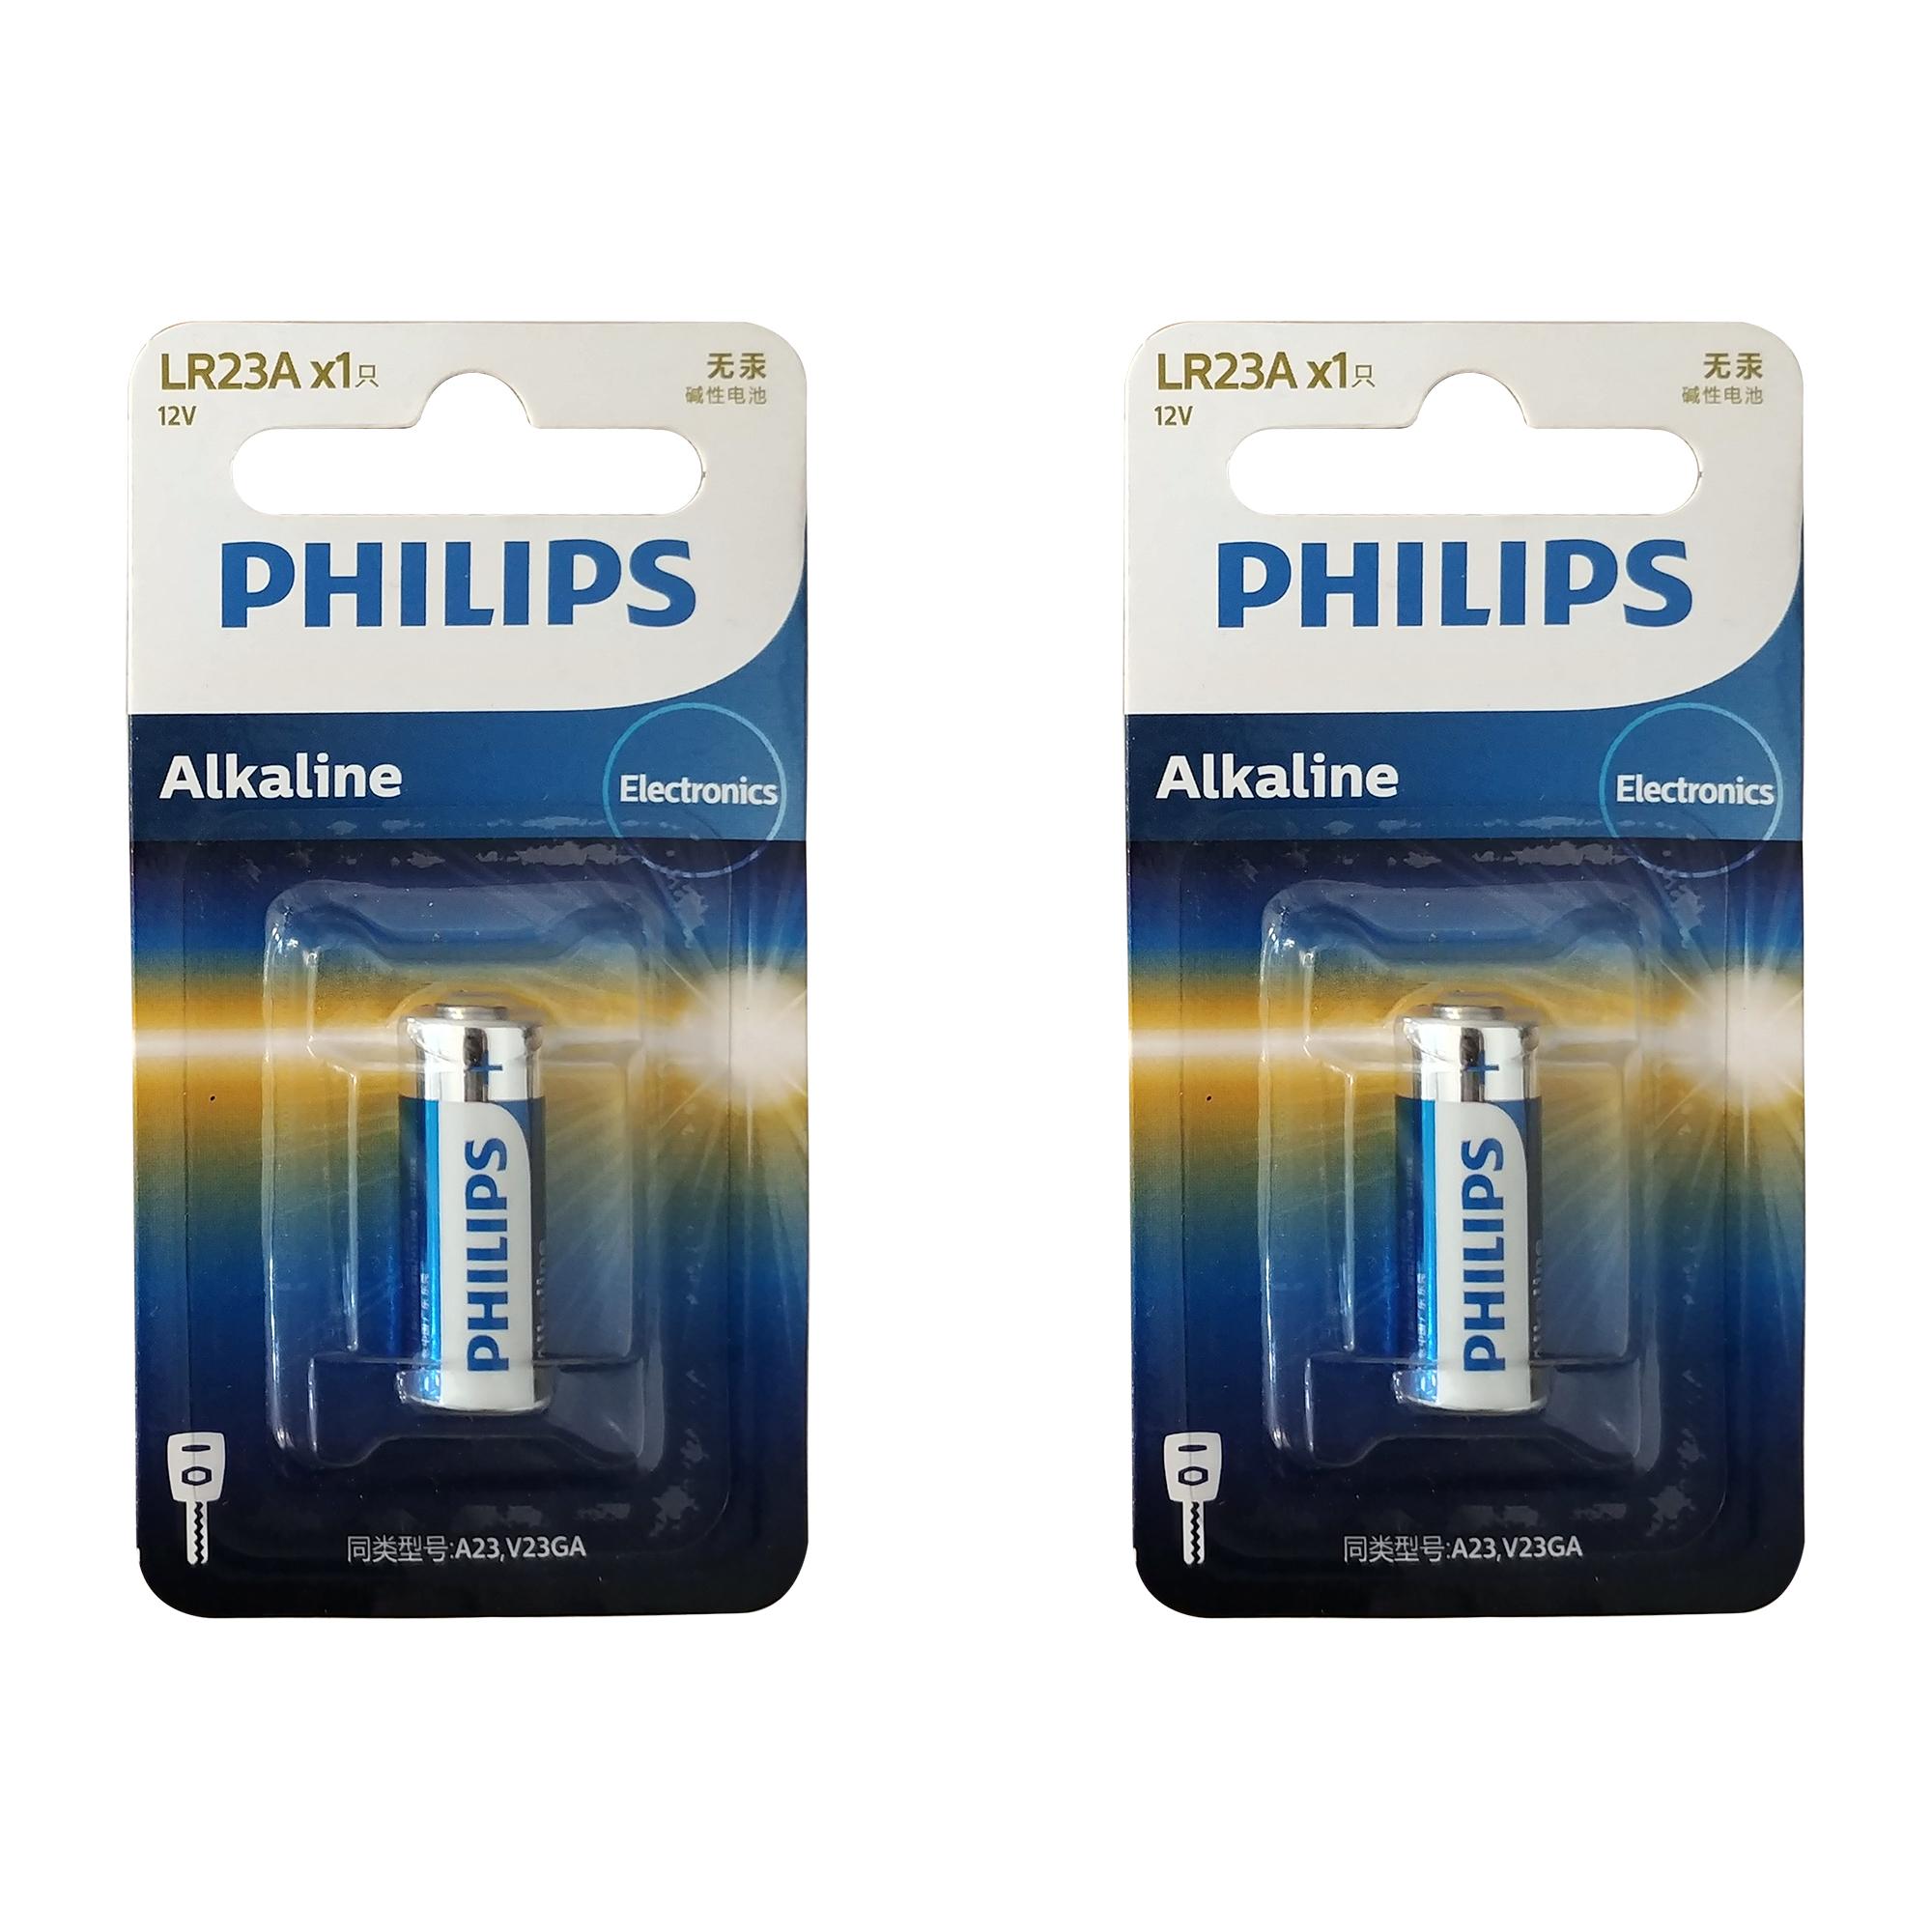 باتری 23A فیلیپس مدل LR23A1B بسته 2 عددی